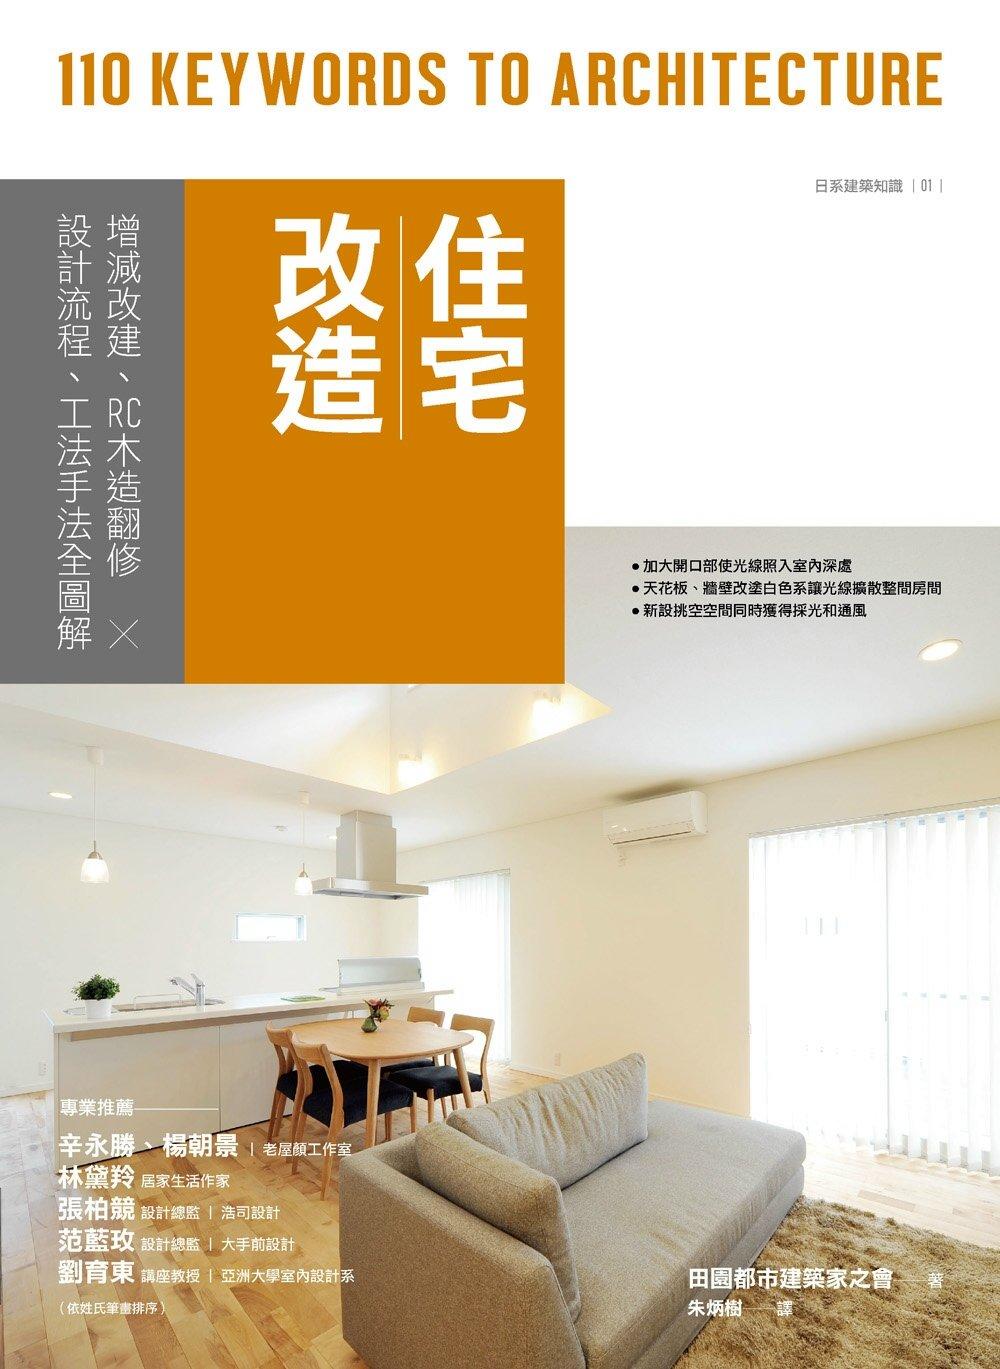 住宅改造:增減改建、RC木造翻修╳設計流程、工法手法全圖解